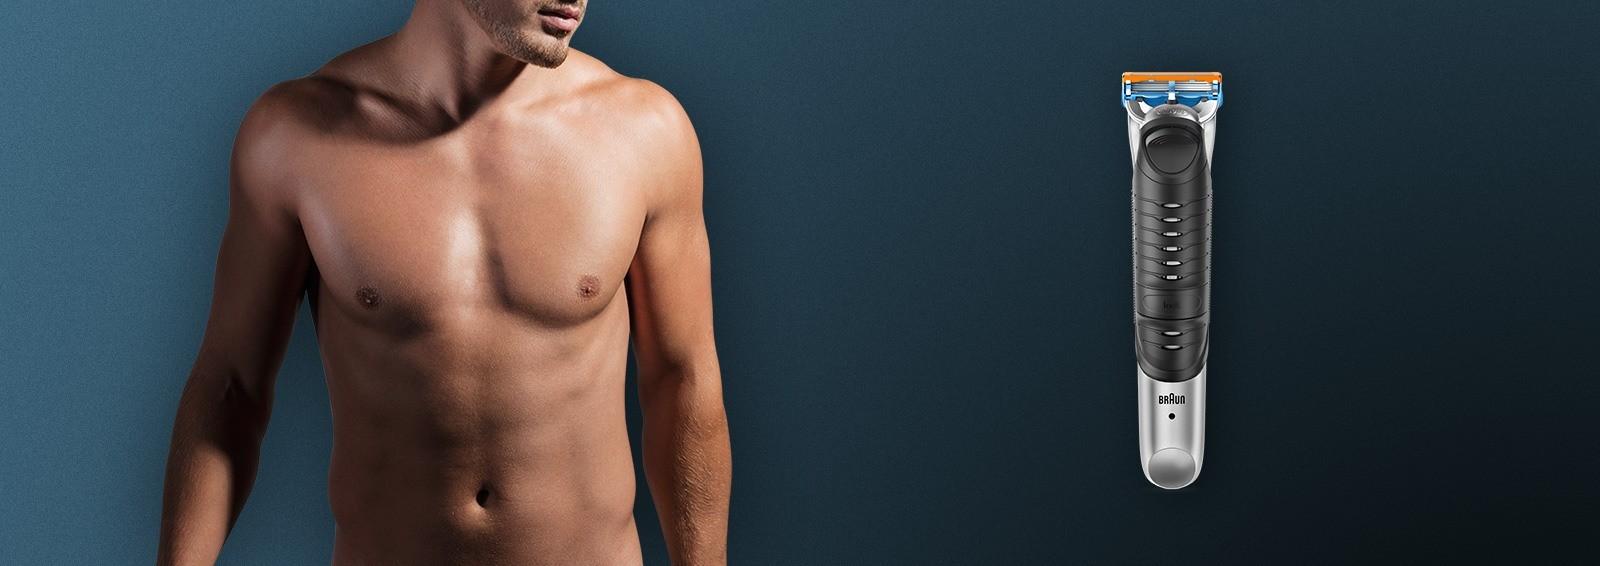 بالصور جسم الرجل , اجسام رجال رياضيه جدا 3394 7